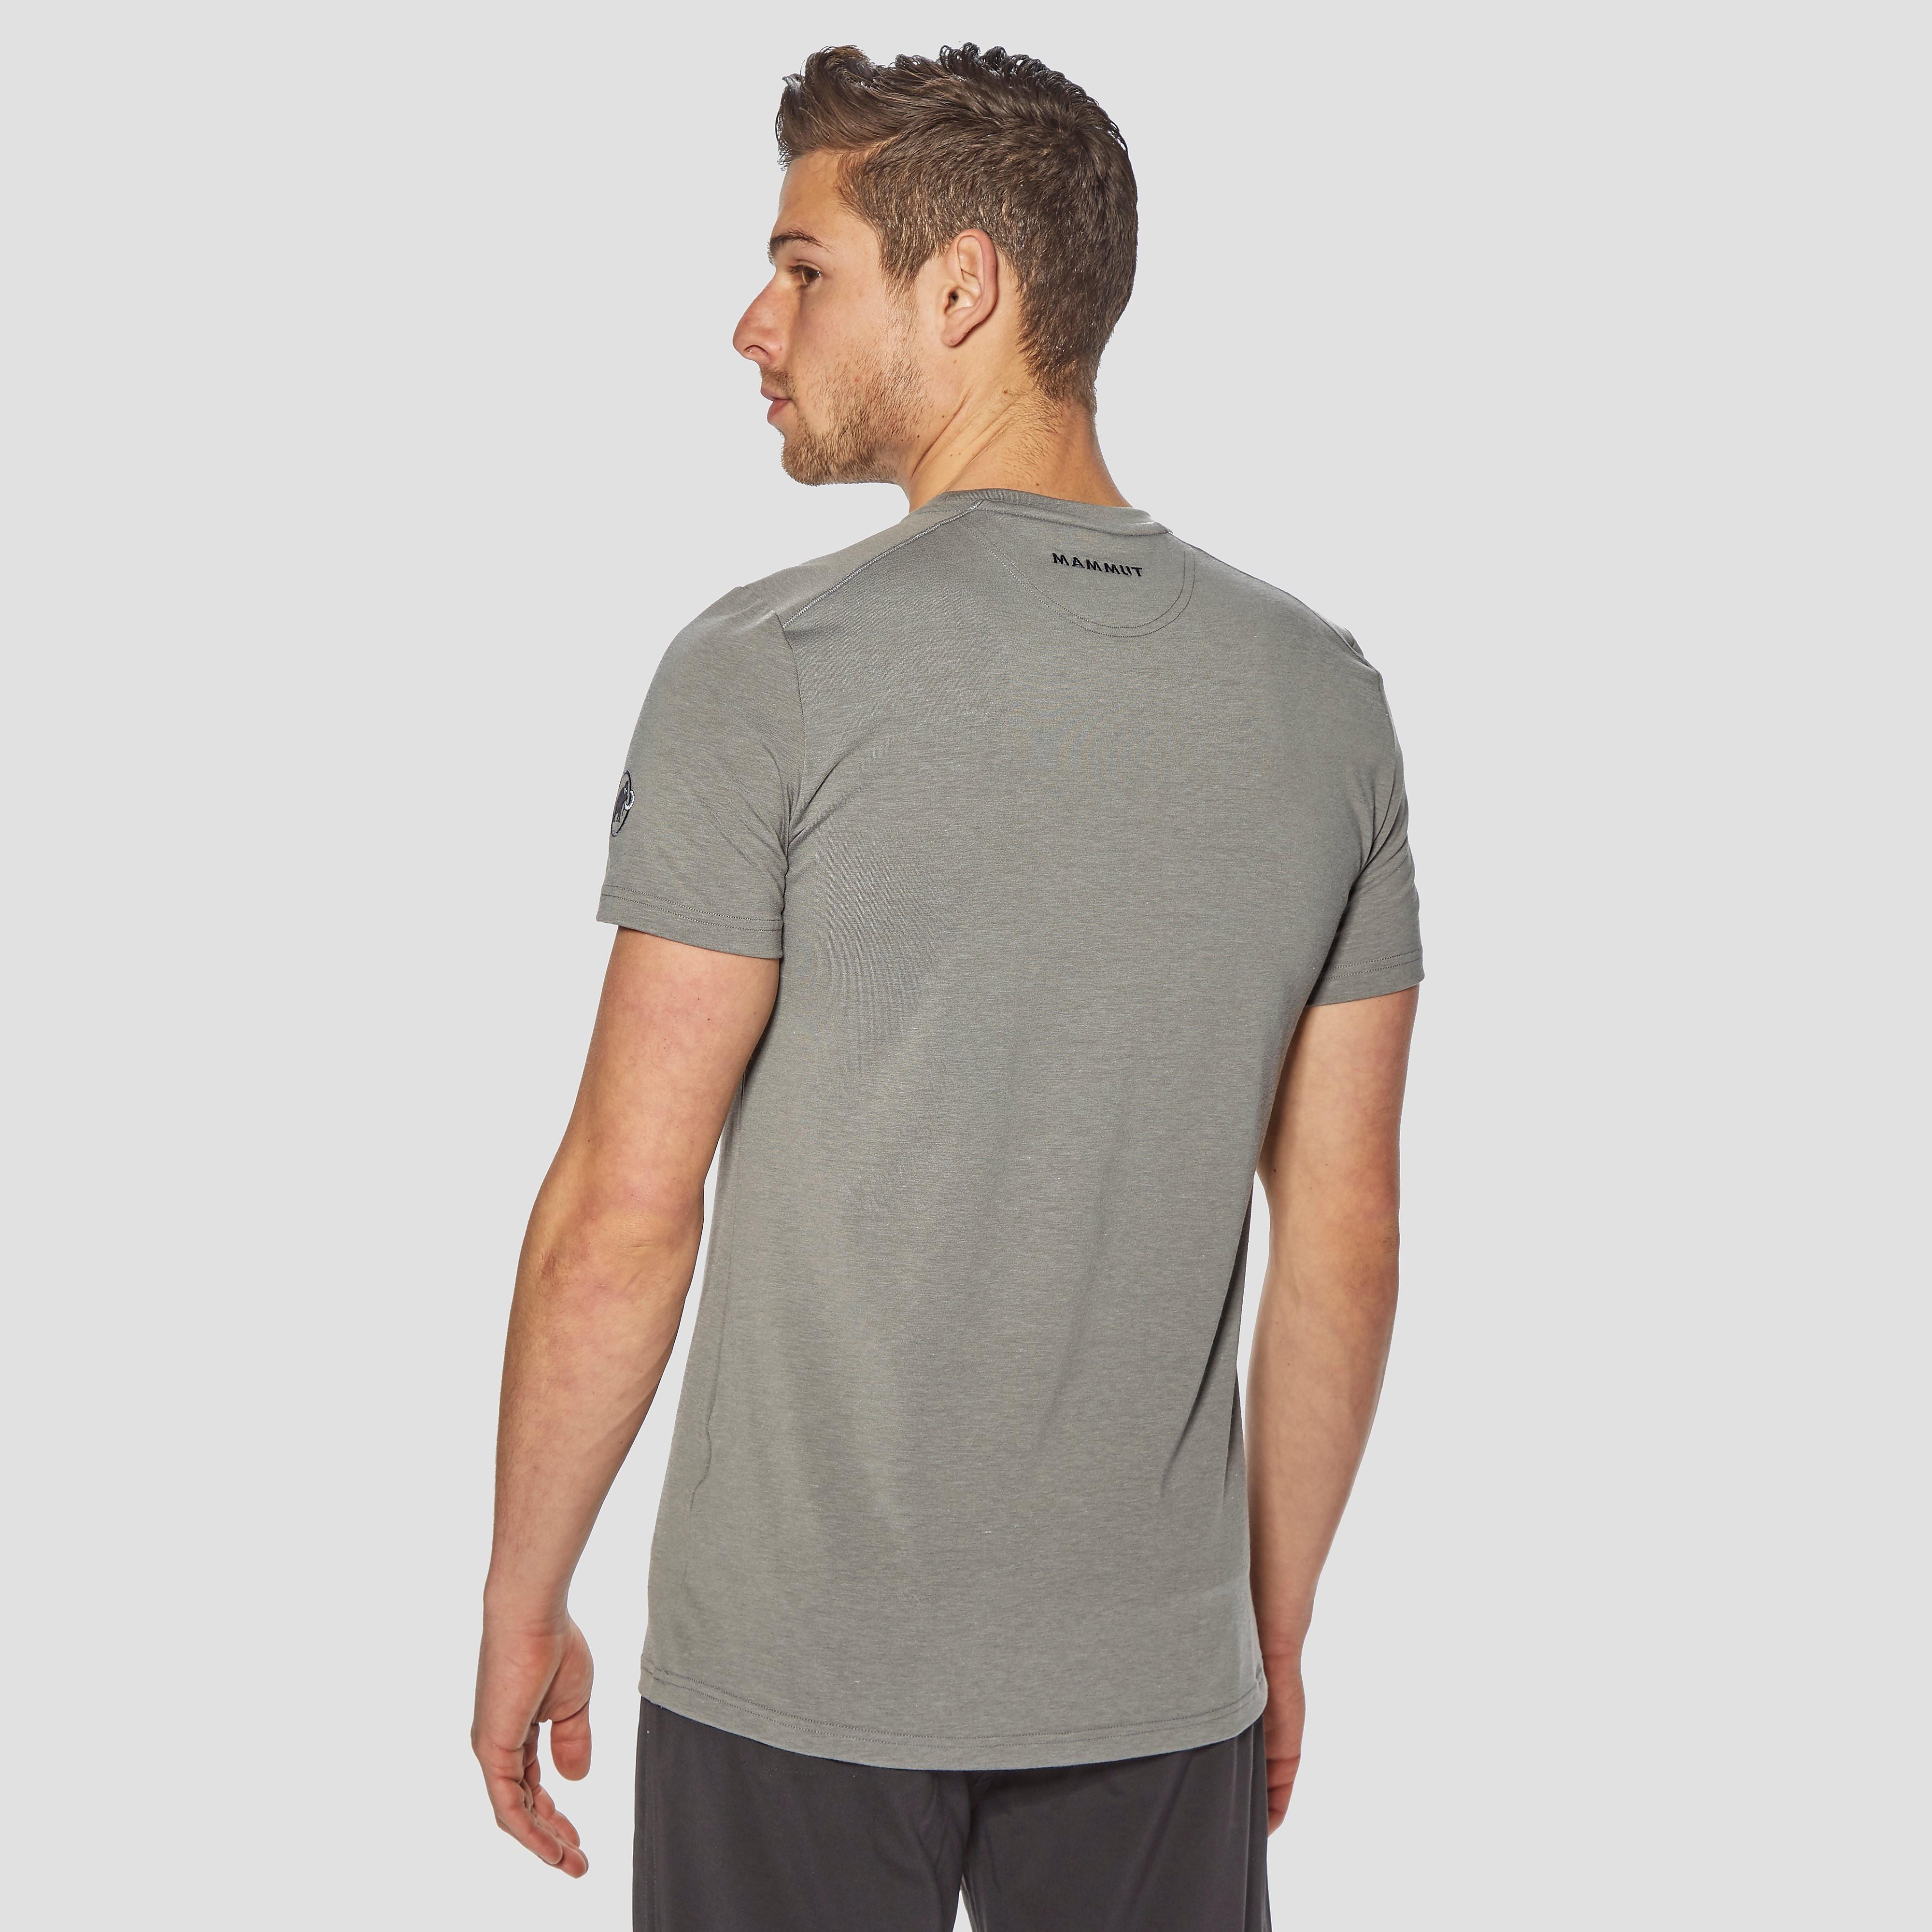 Mammut Logo Men's T-shirt